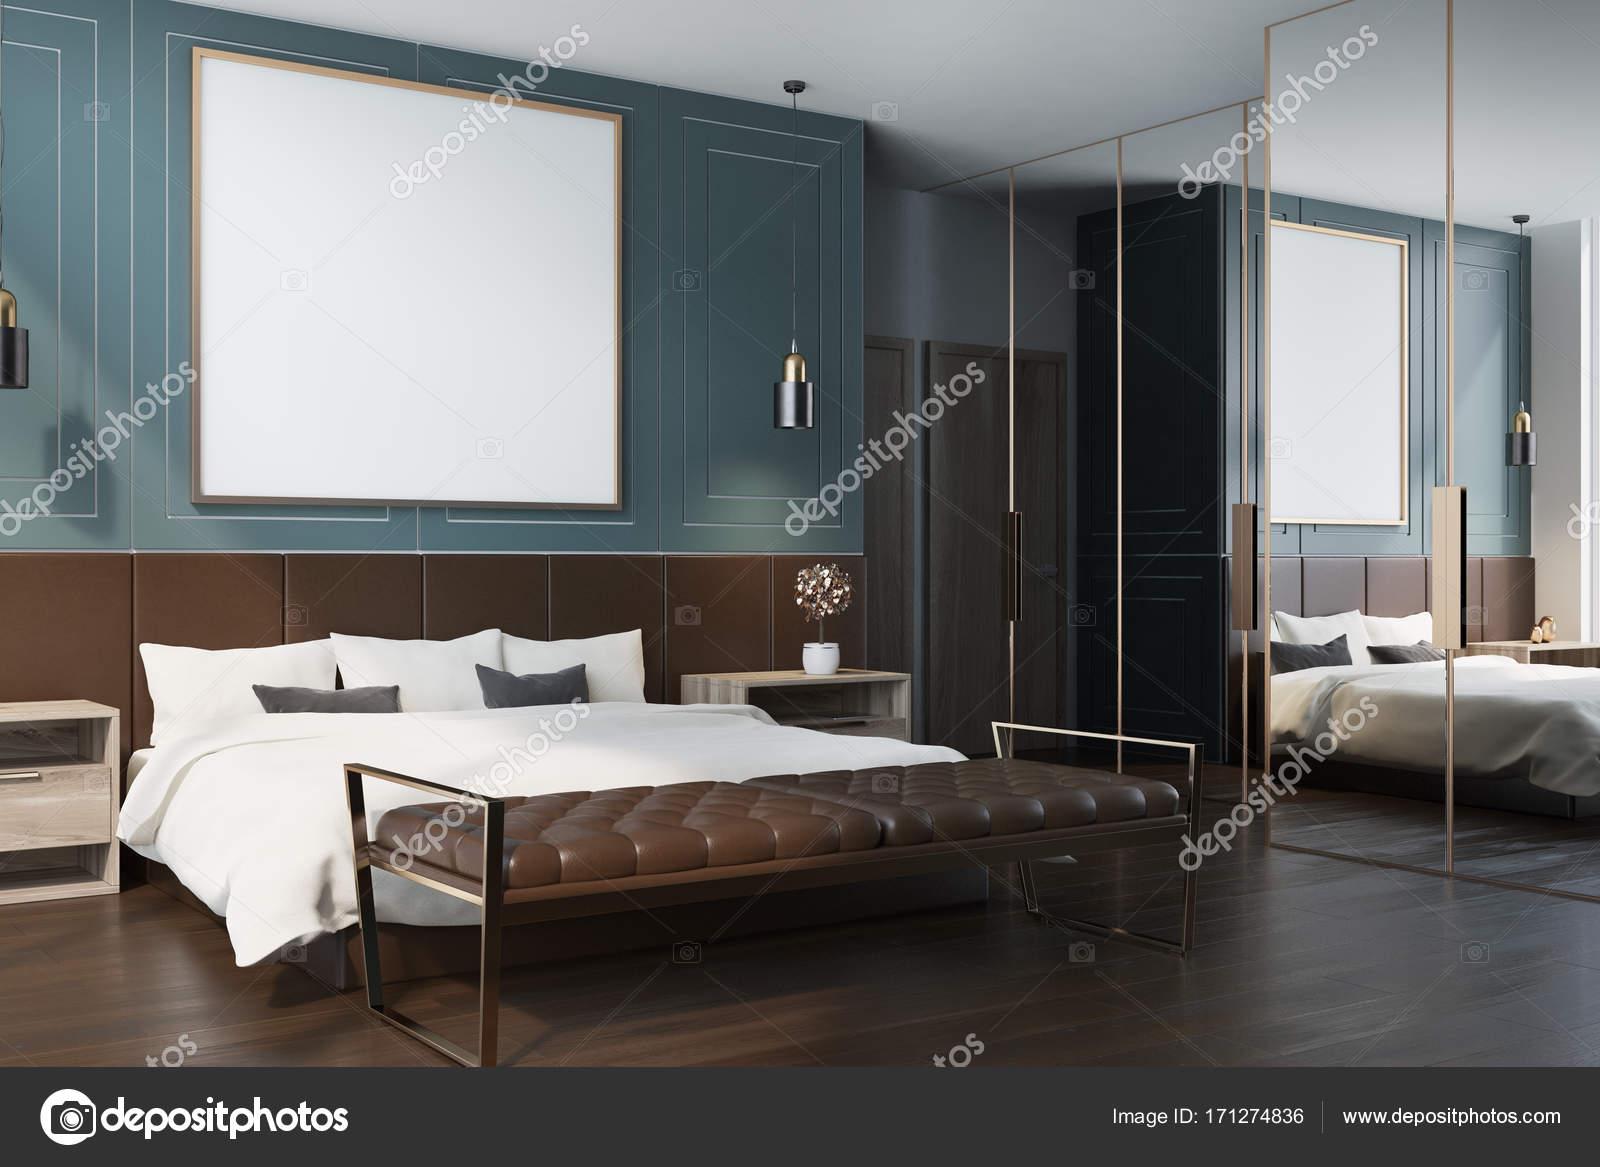 blauwe slaapkamer interieur met een donkere houten vloer een tweepersoonsbed met een ingelijste vierkante poster opknoping boven het en twee nachtkastjes